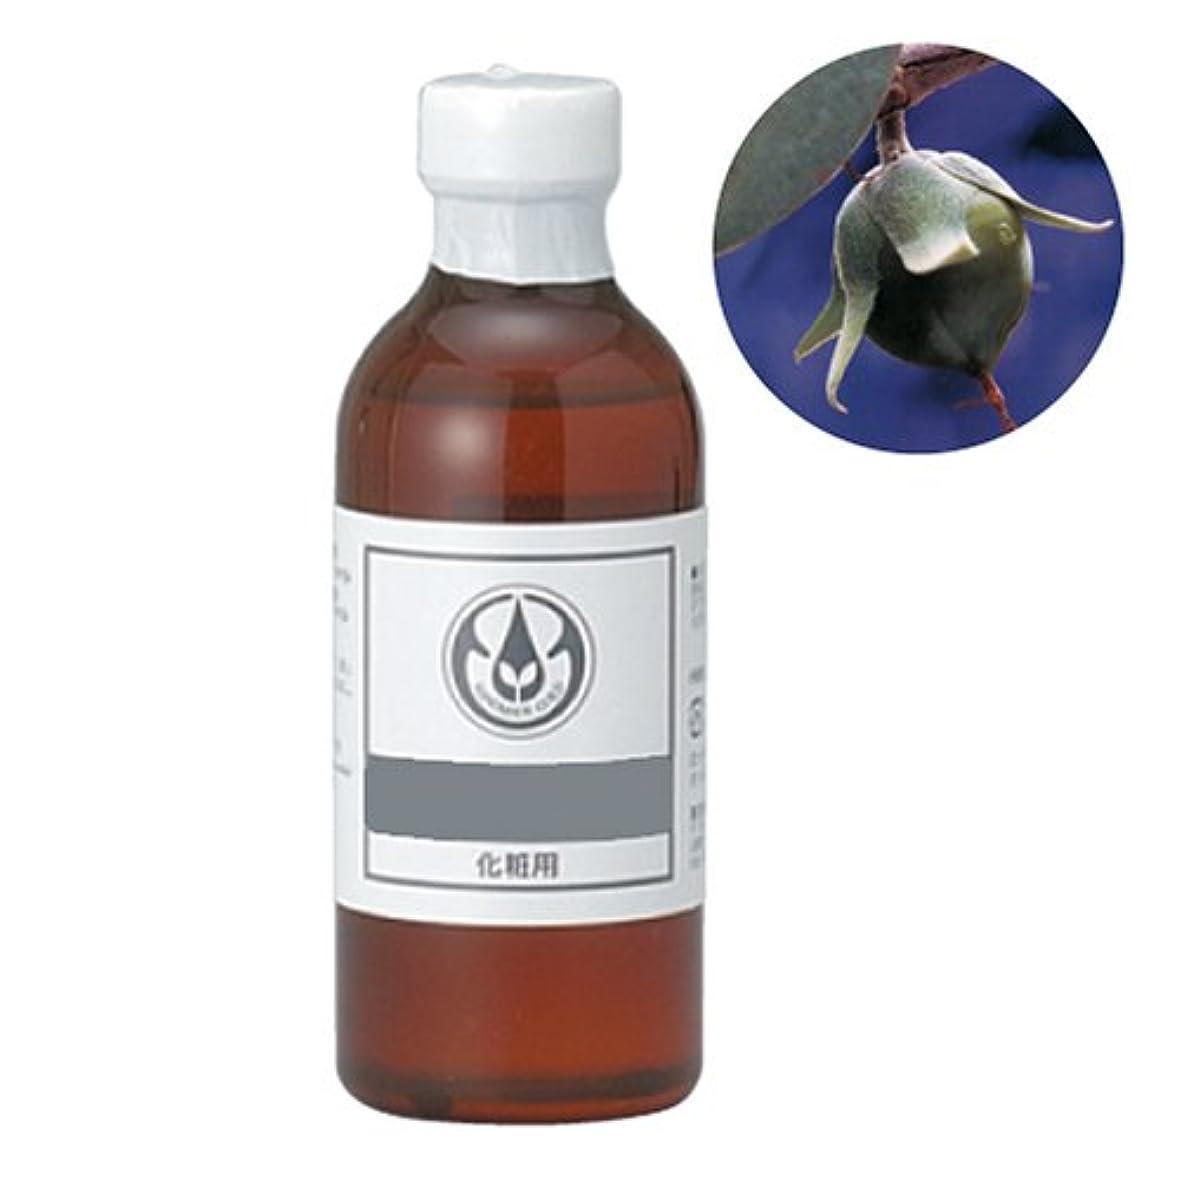 クローゼットオンス輝度生活の木 ホホバ油 (クリア) 250ml